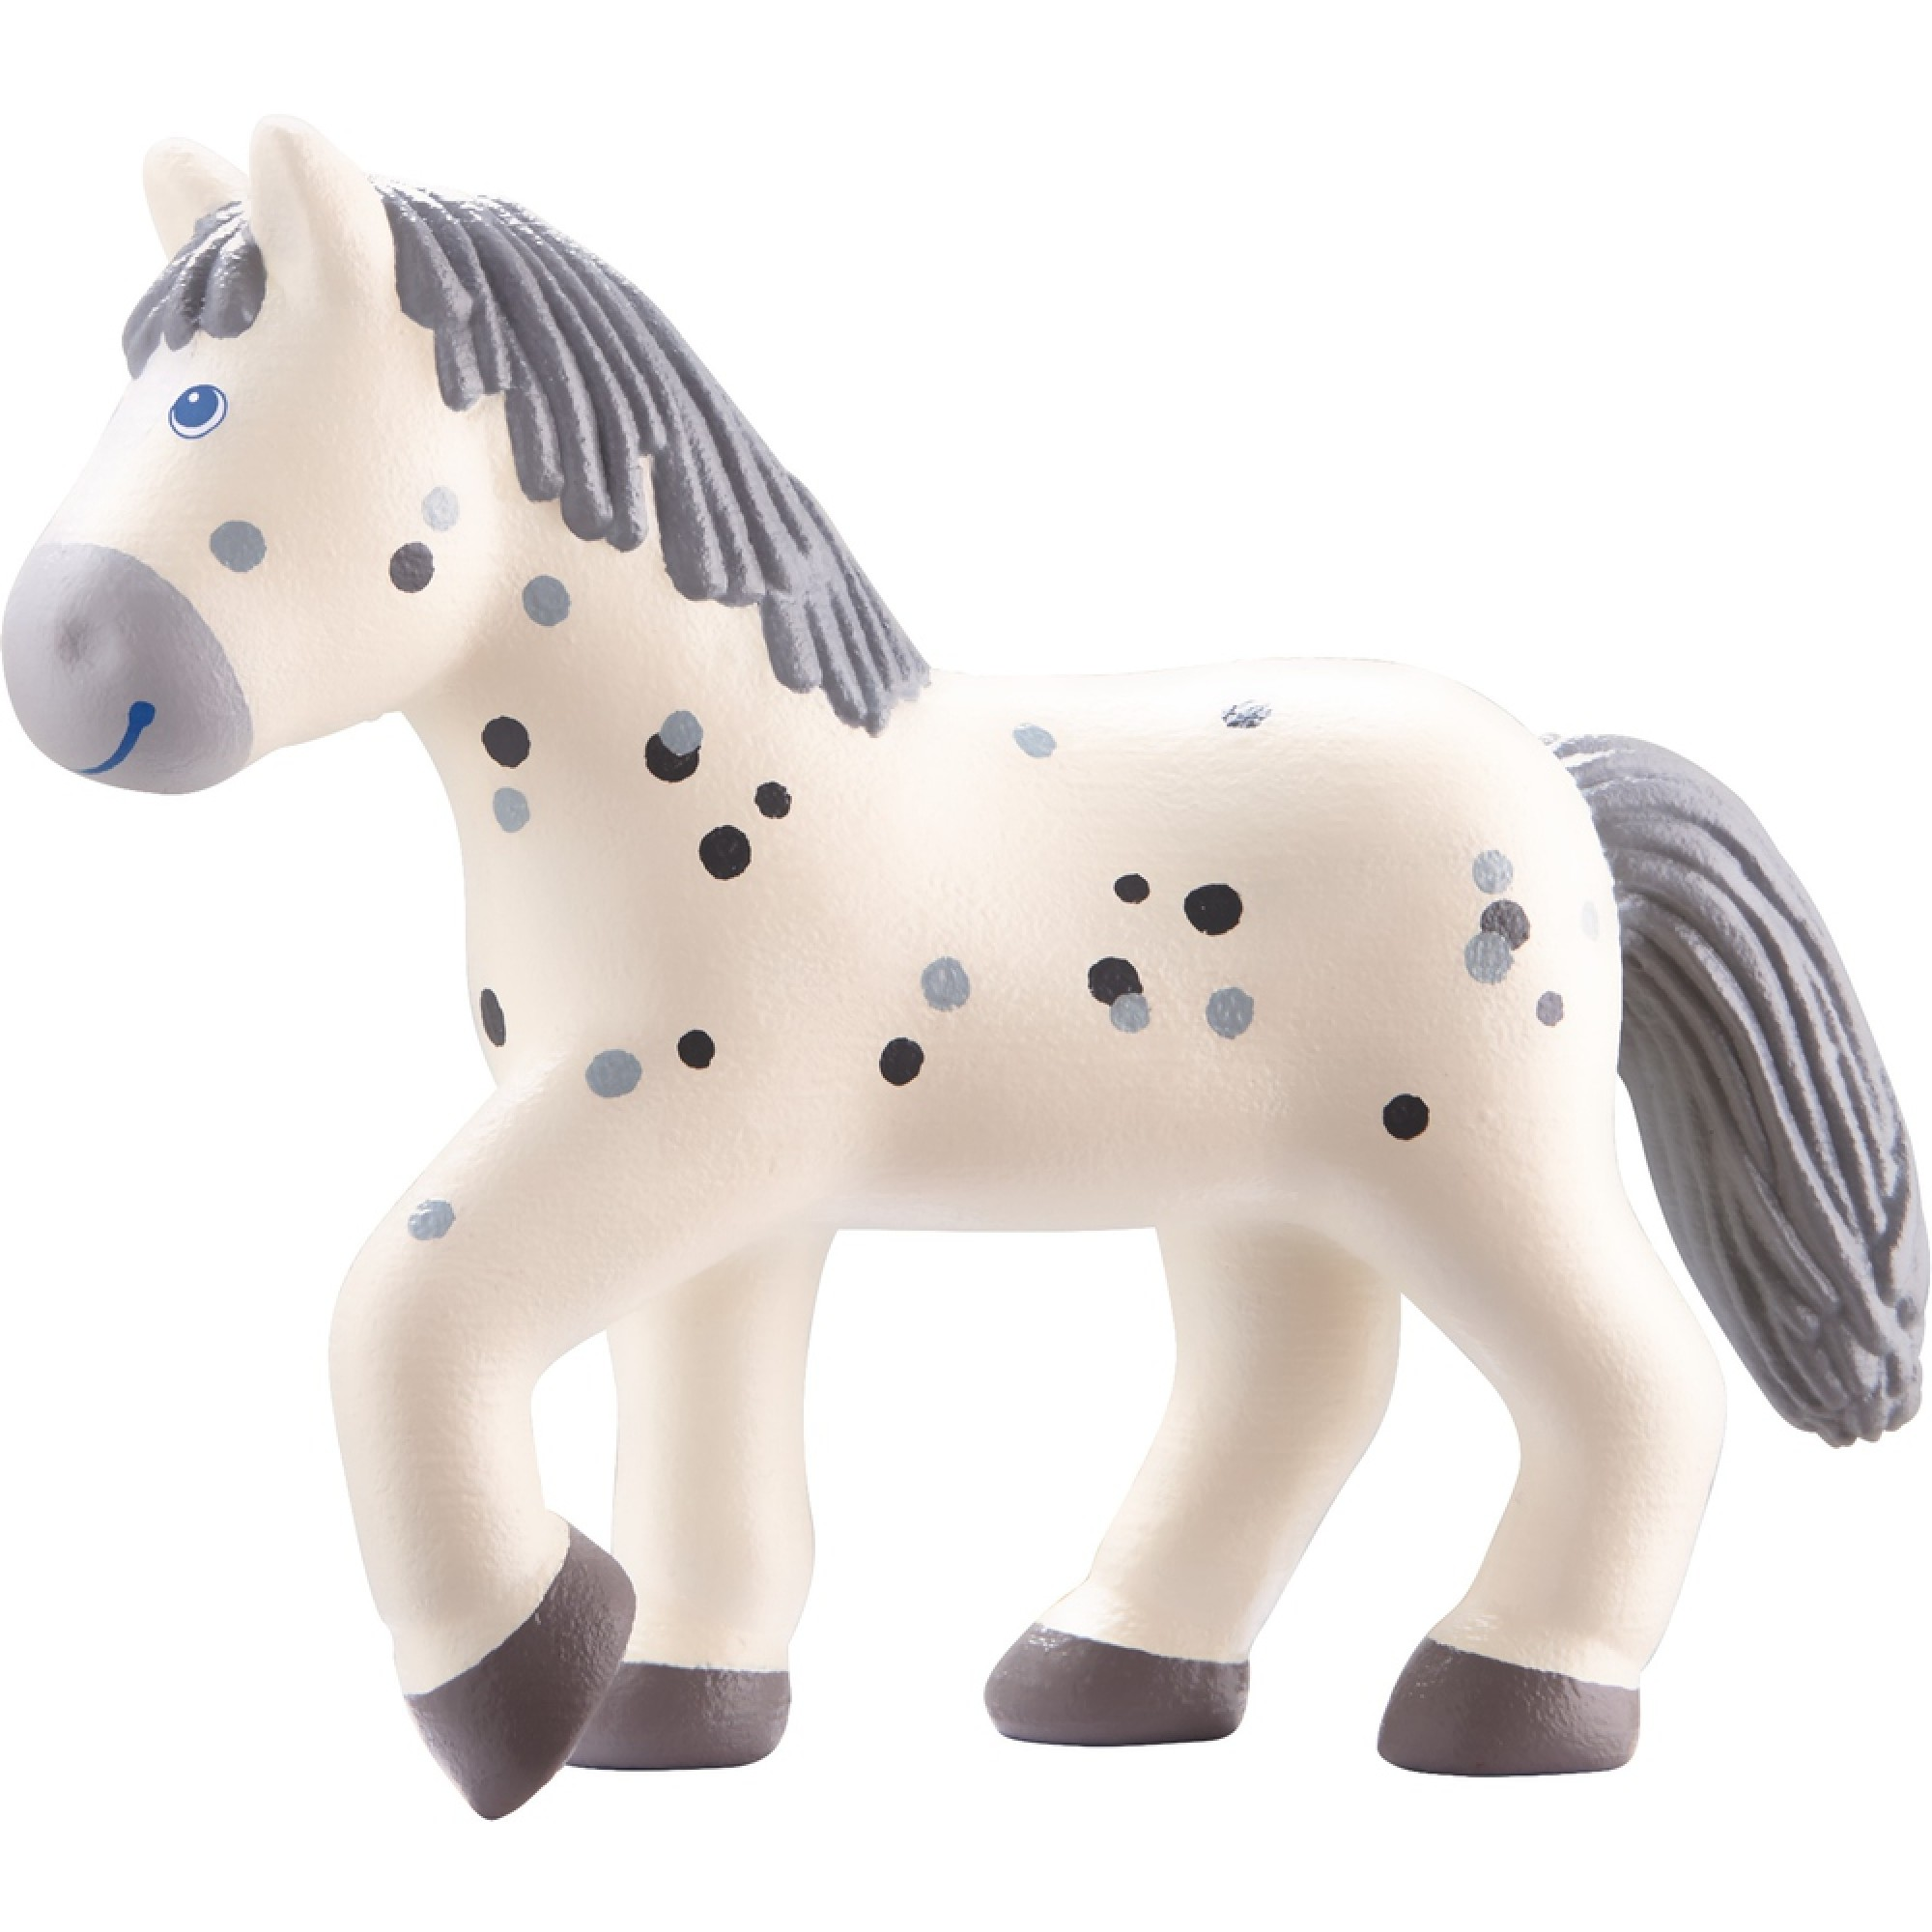 Figurina, Micutii prieteni, Haba, Calul Pippa, 3ani+